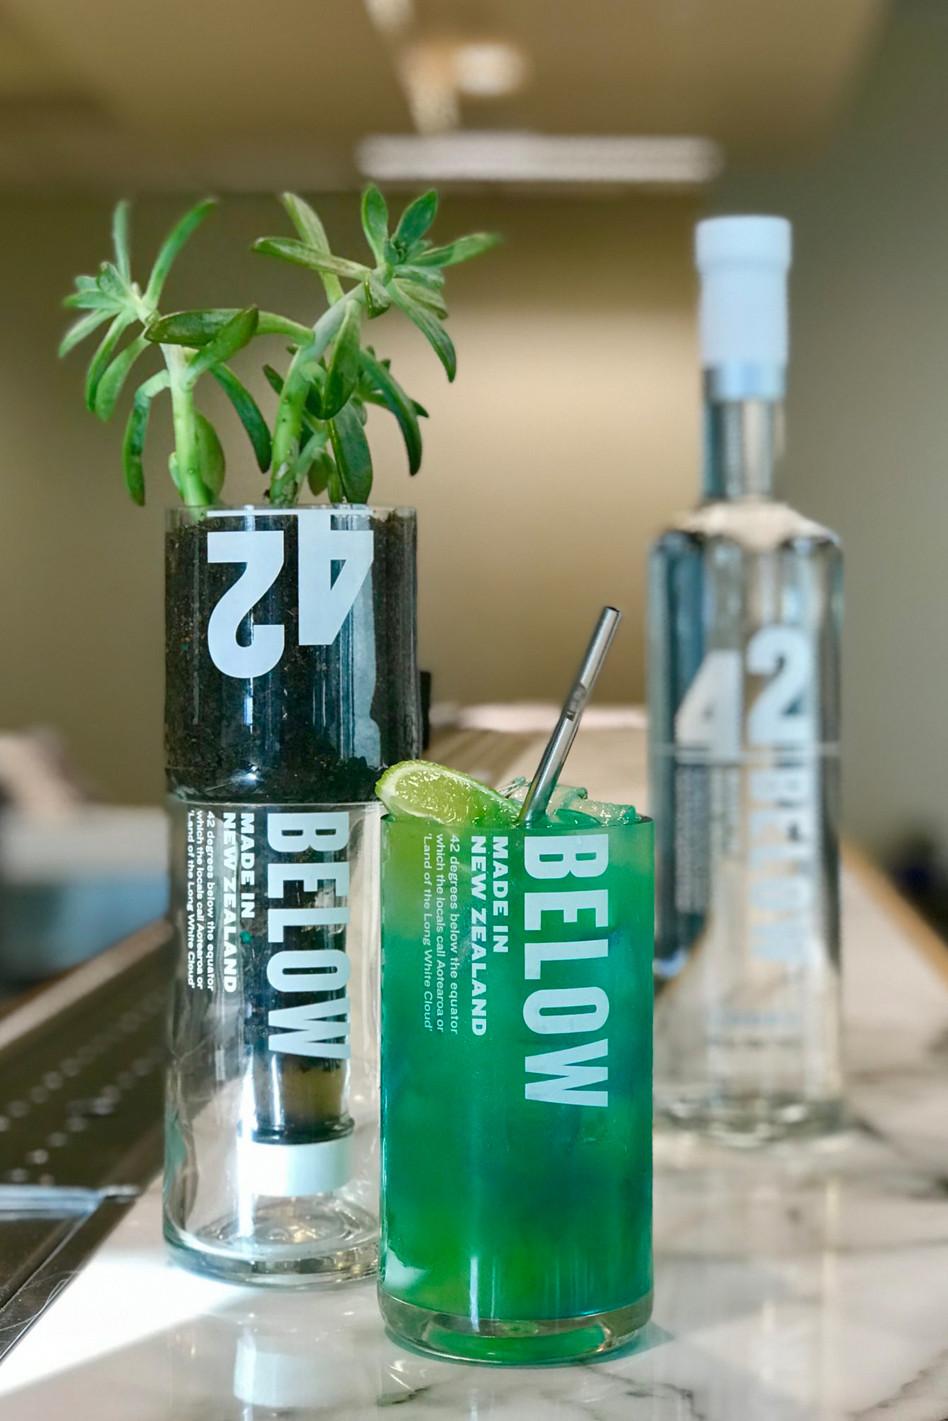 WINNER-Brand-Innovation-42BELOW-Recycled